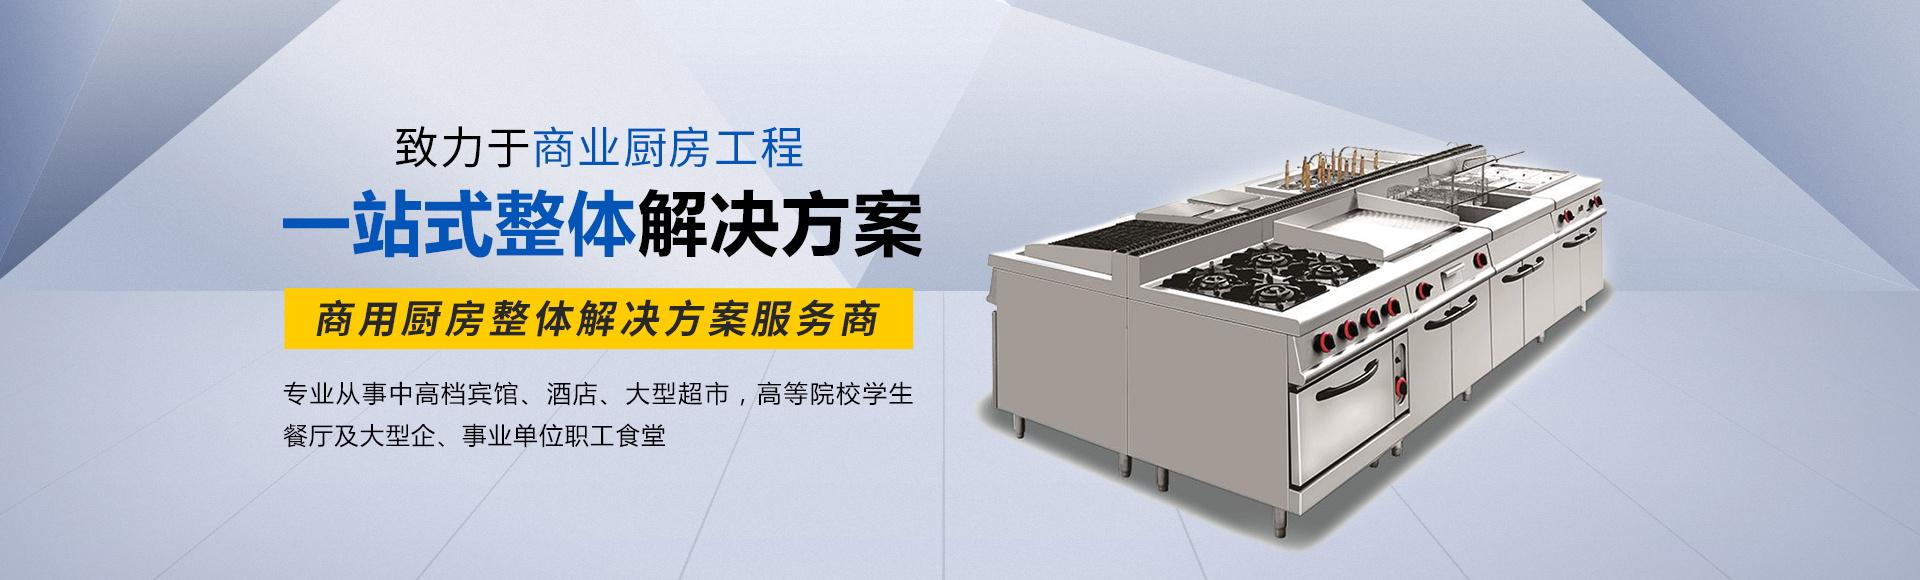 武汉食堂厨房设备